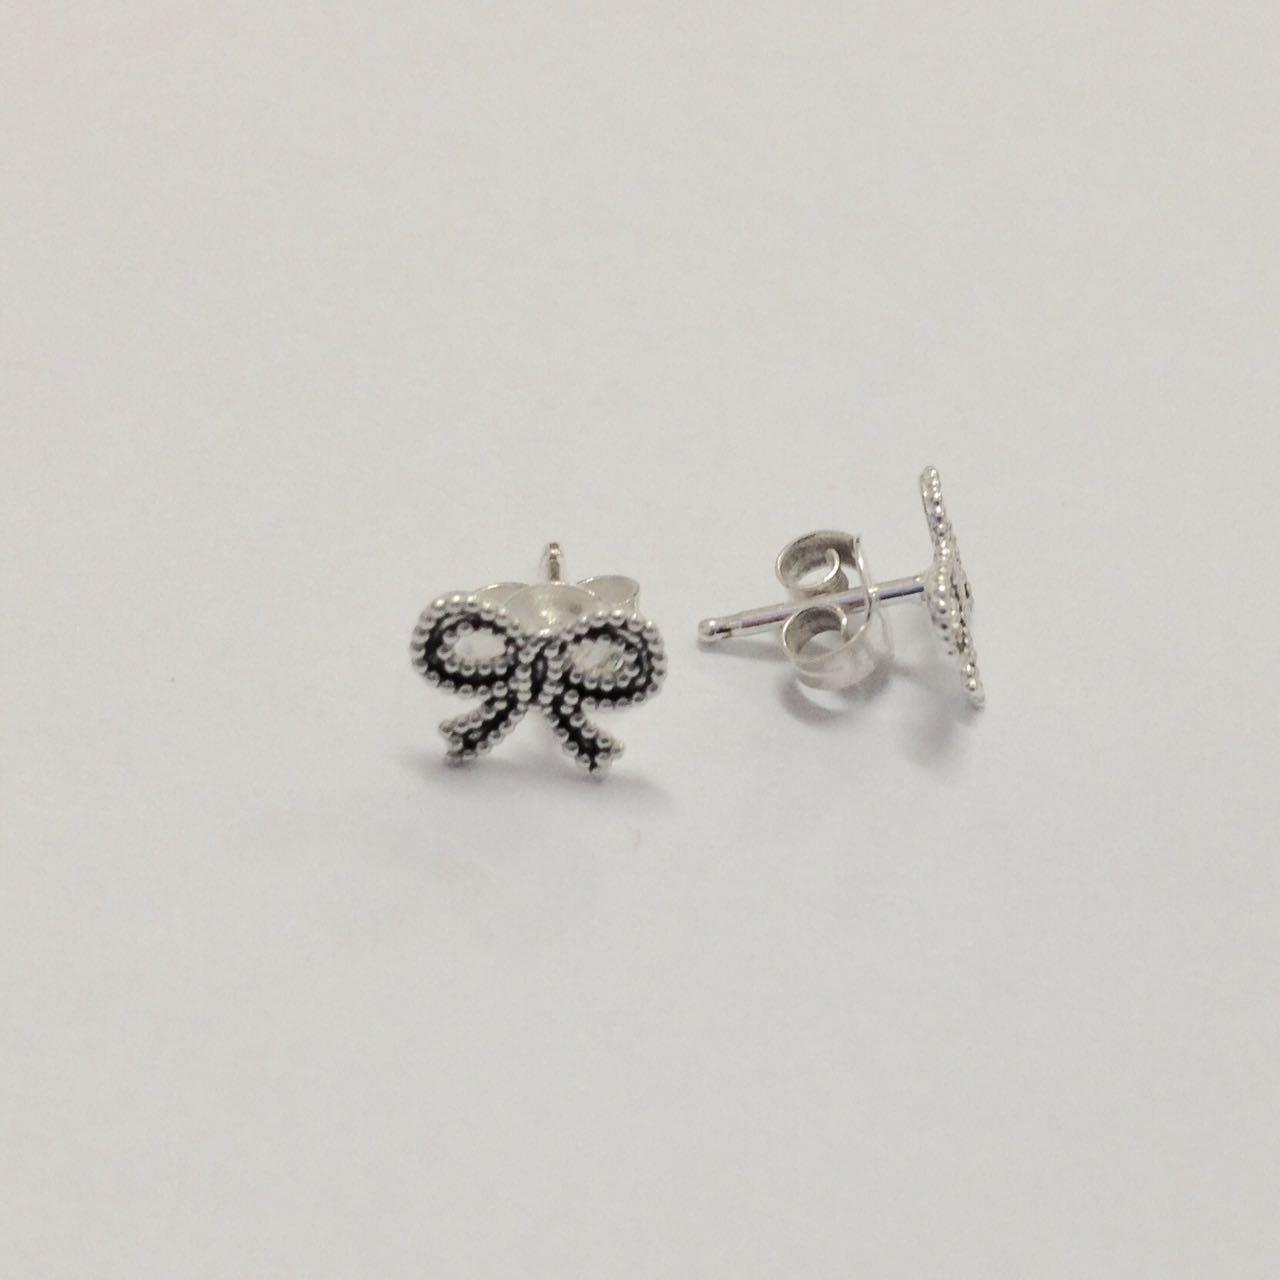 Brinco de Prata Laço Pequeno